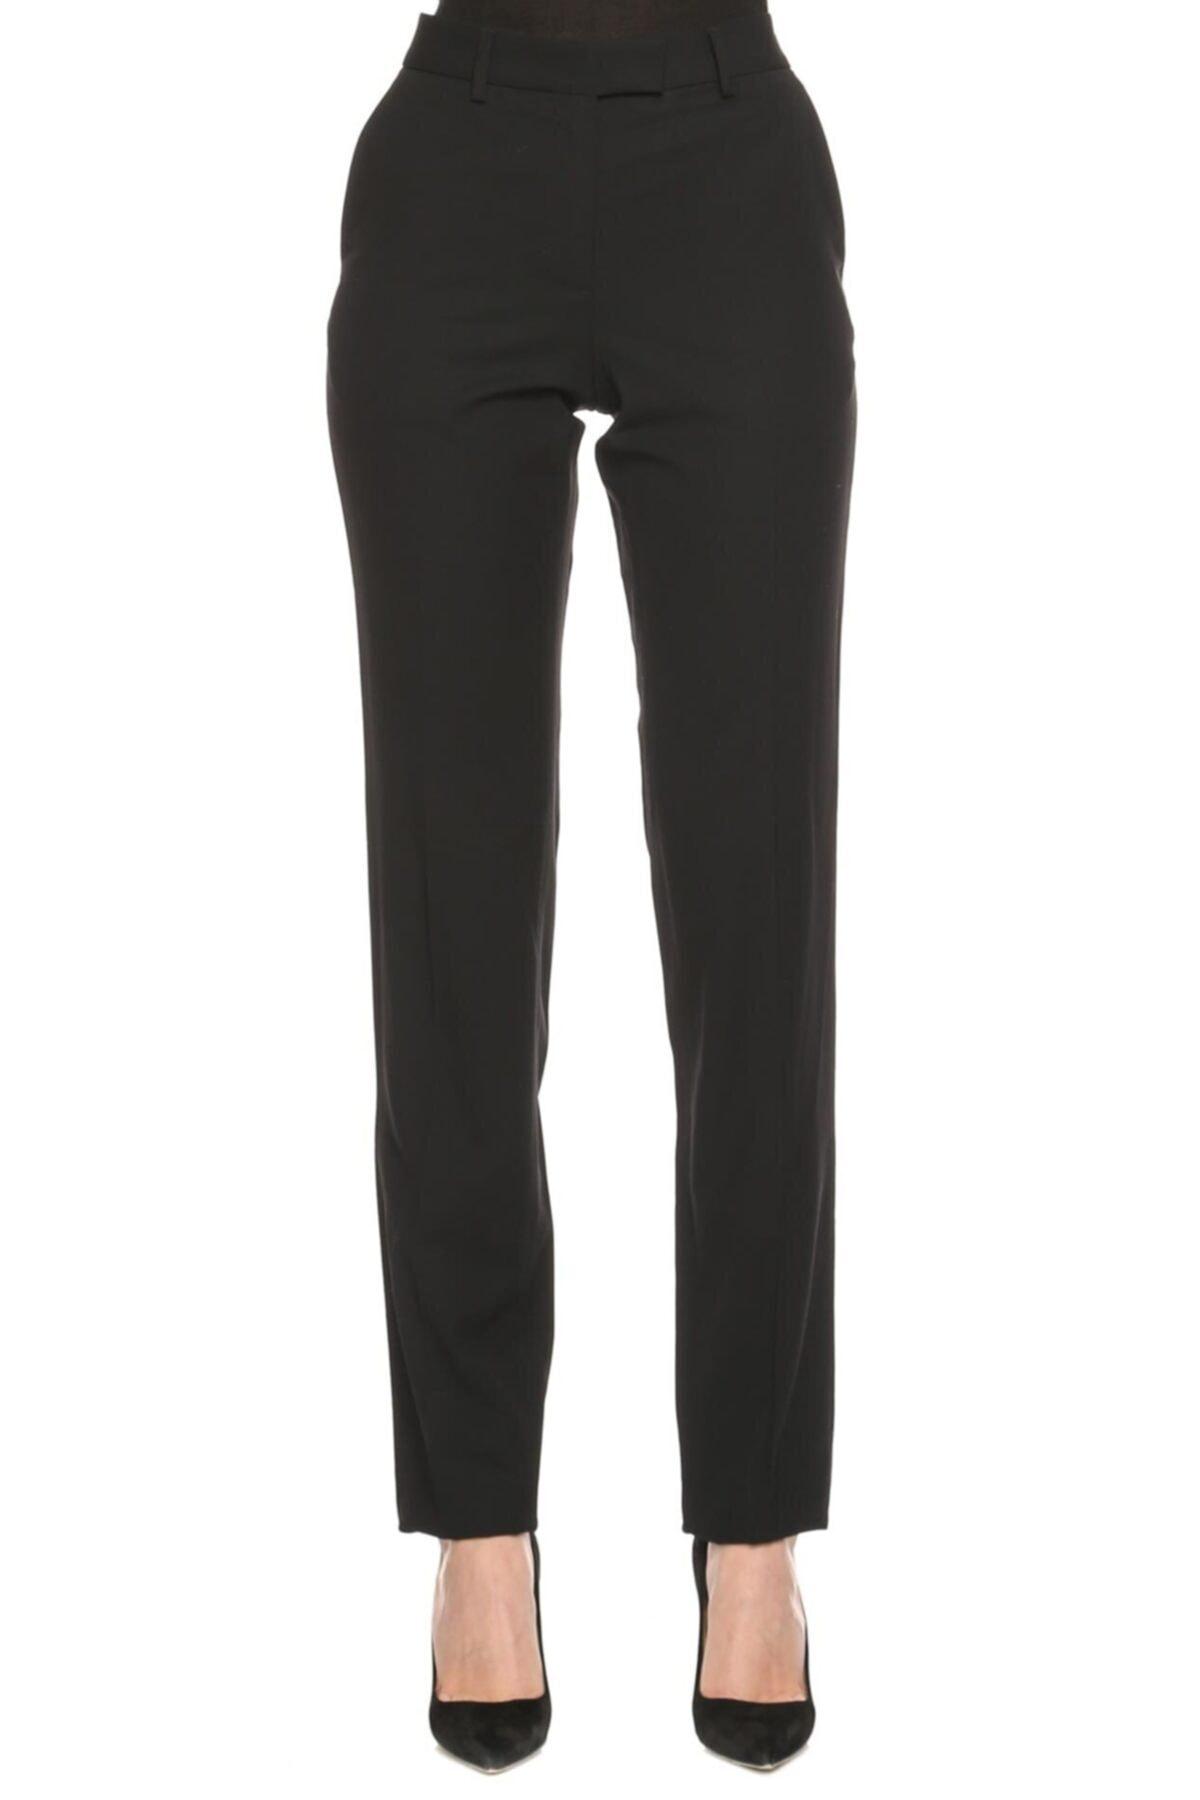 Jean Paul Gaultier Siyah Pantolon 1